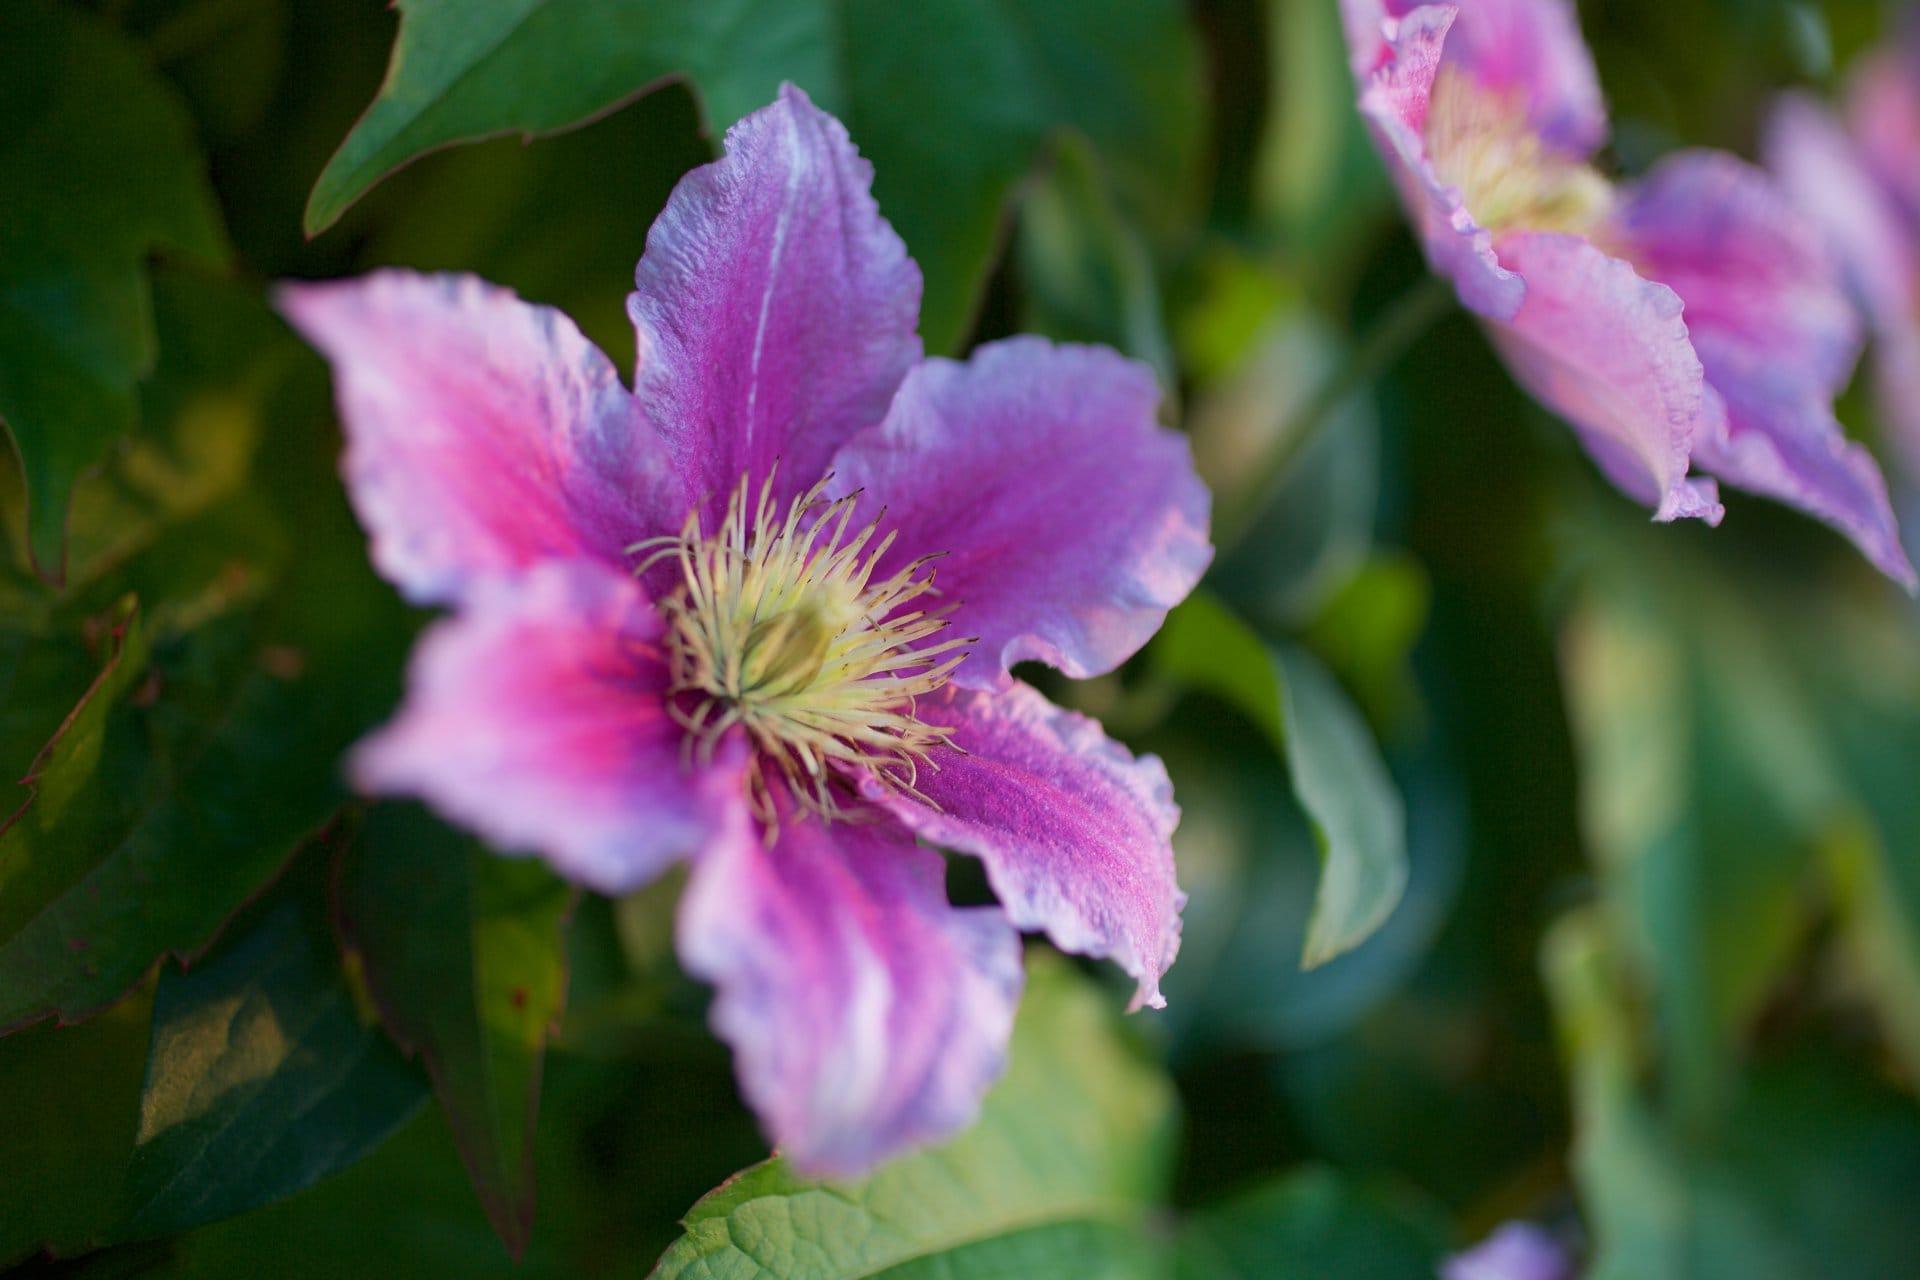 2015 06 07 flowervariety 3